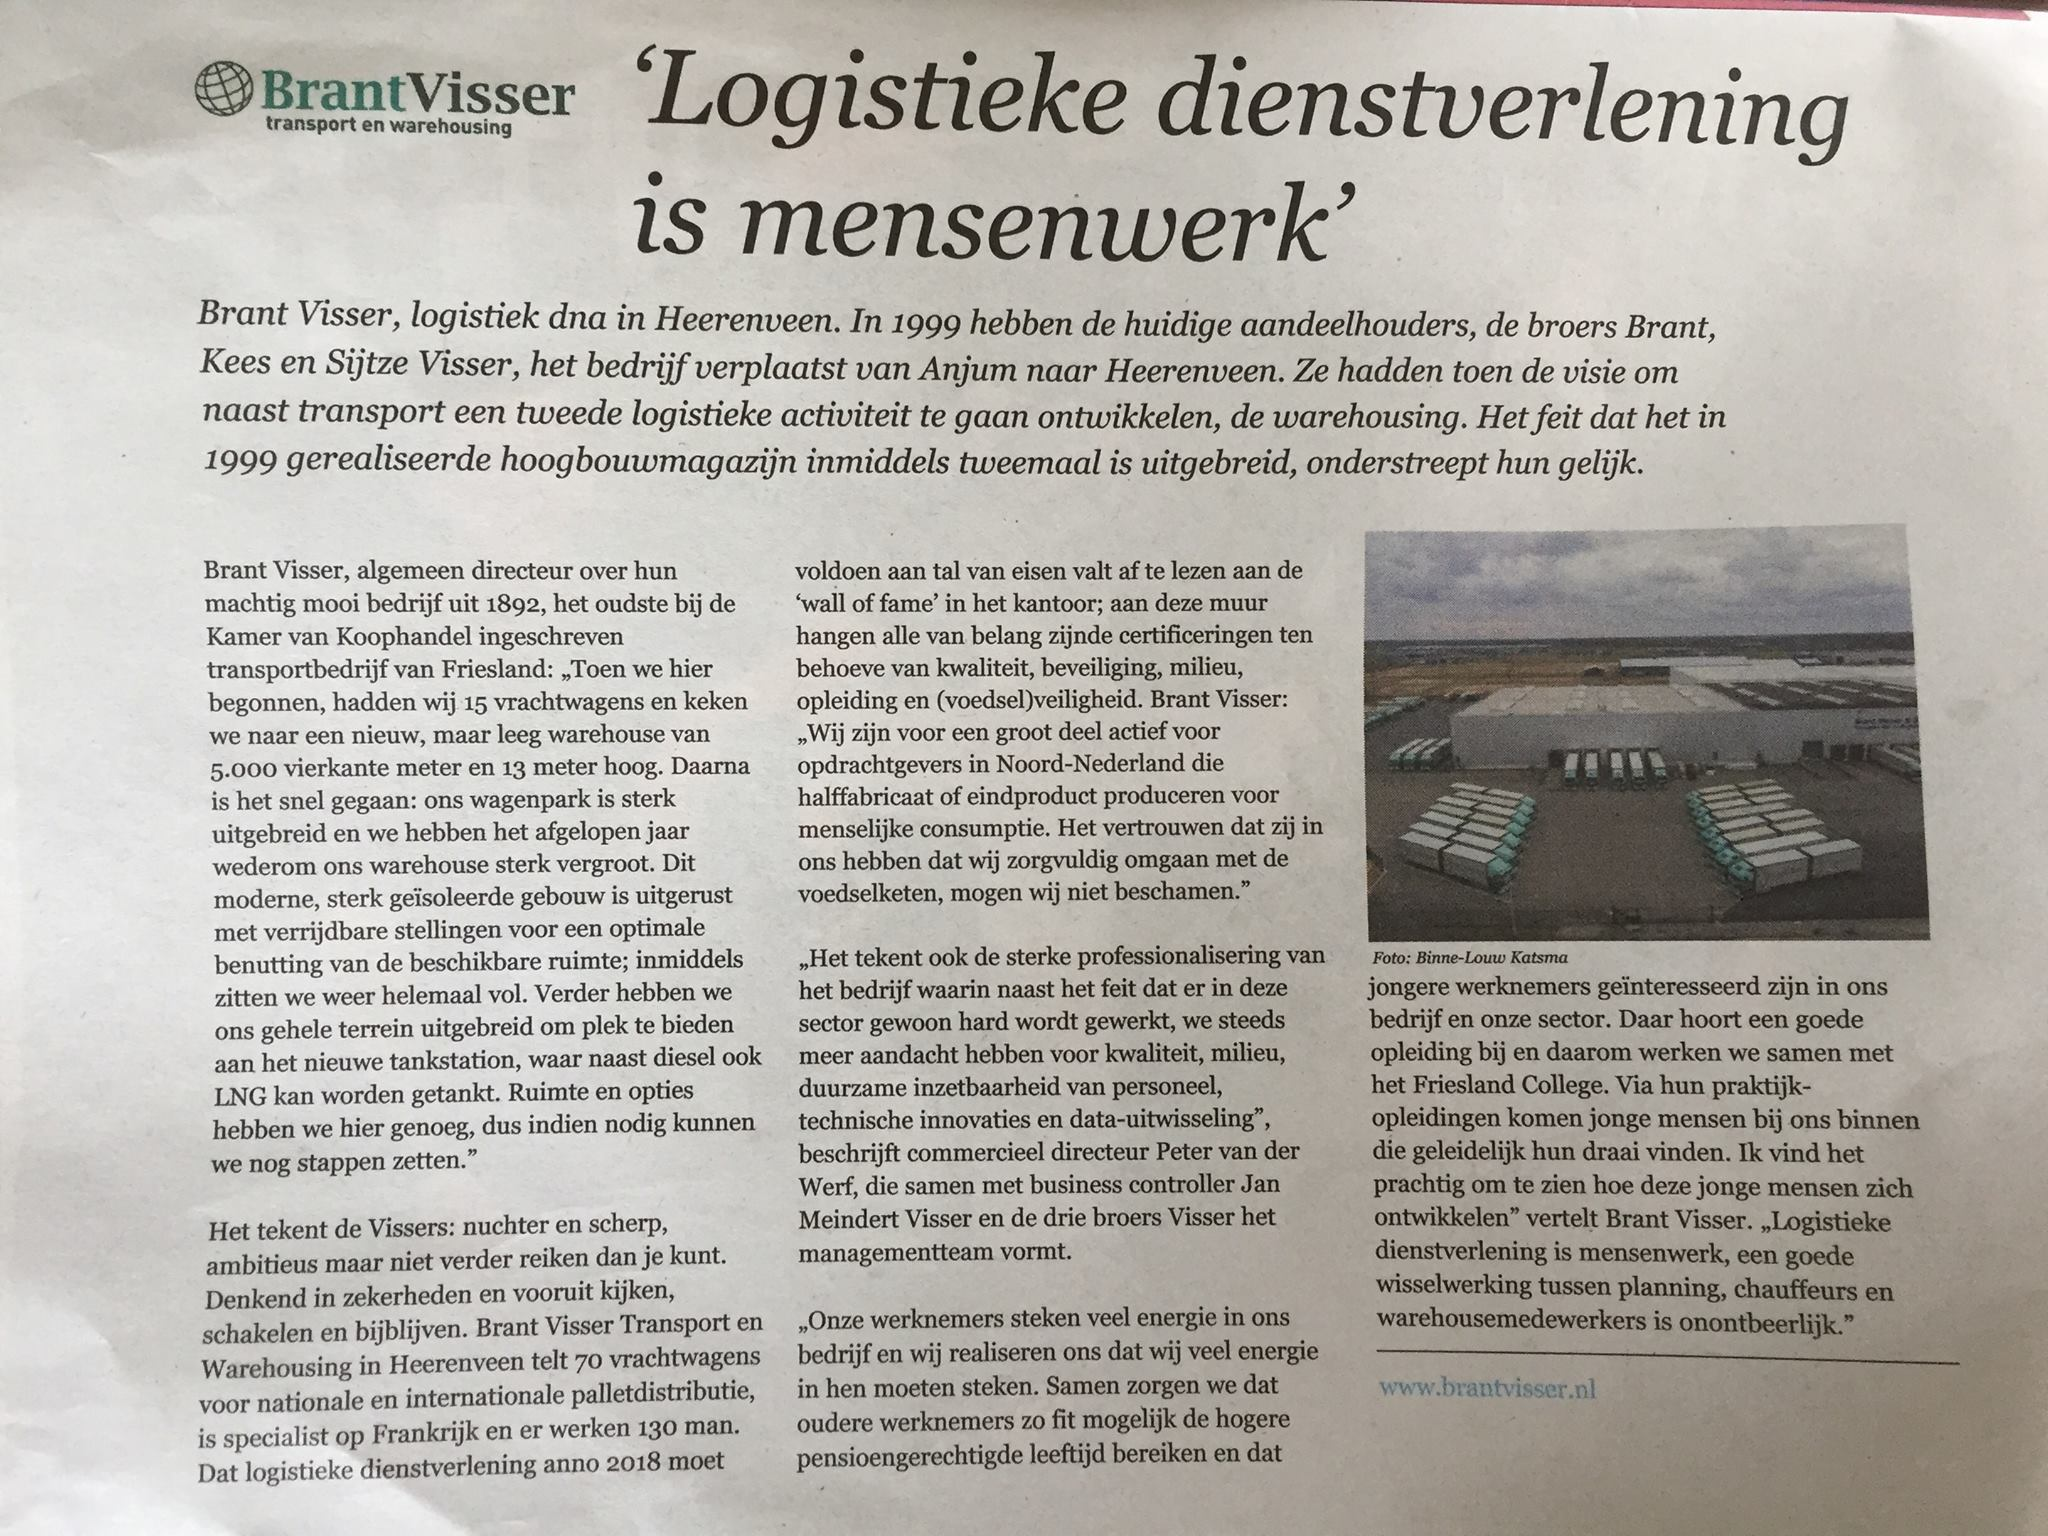 Afgelopen-dagen-gepubliceerd-in-het-Friesch-Dagblad-en-de-Leeuwarden-Courant-12-4-2018